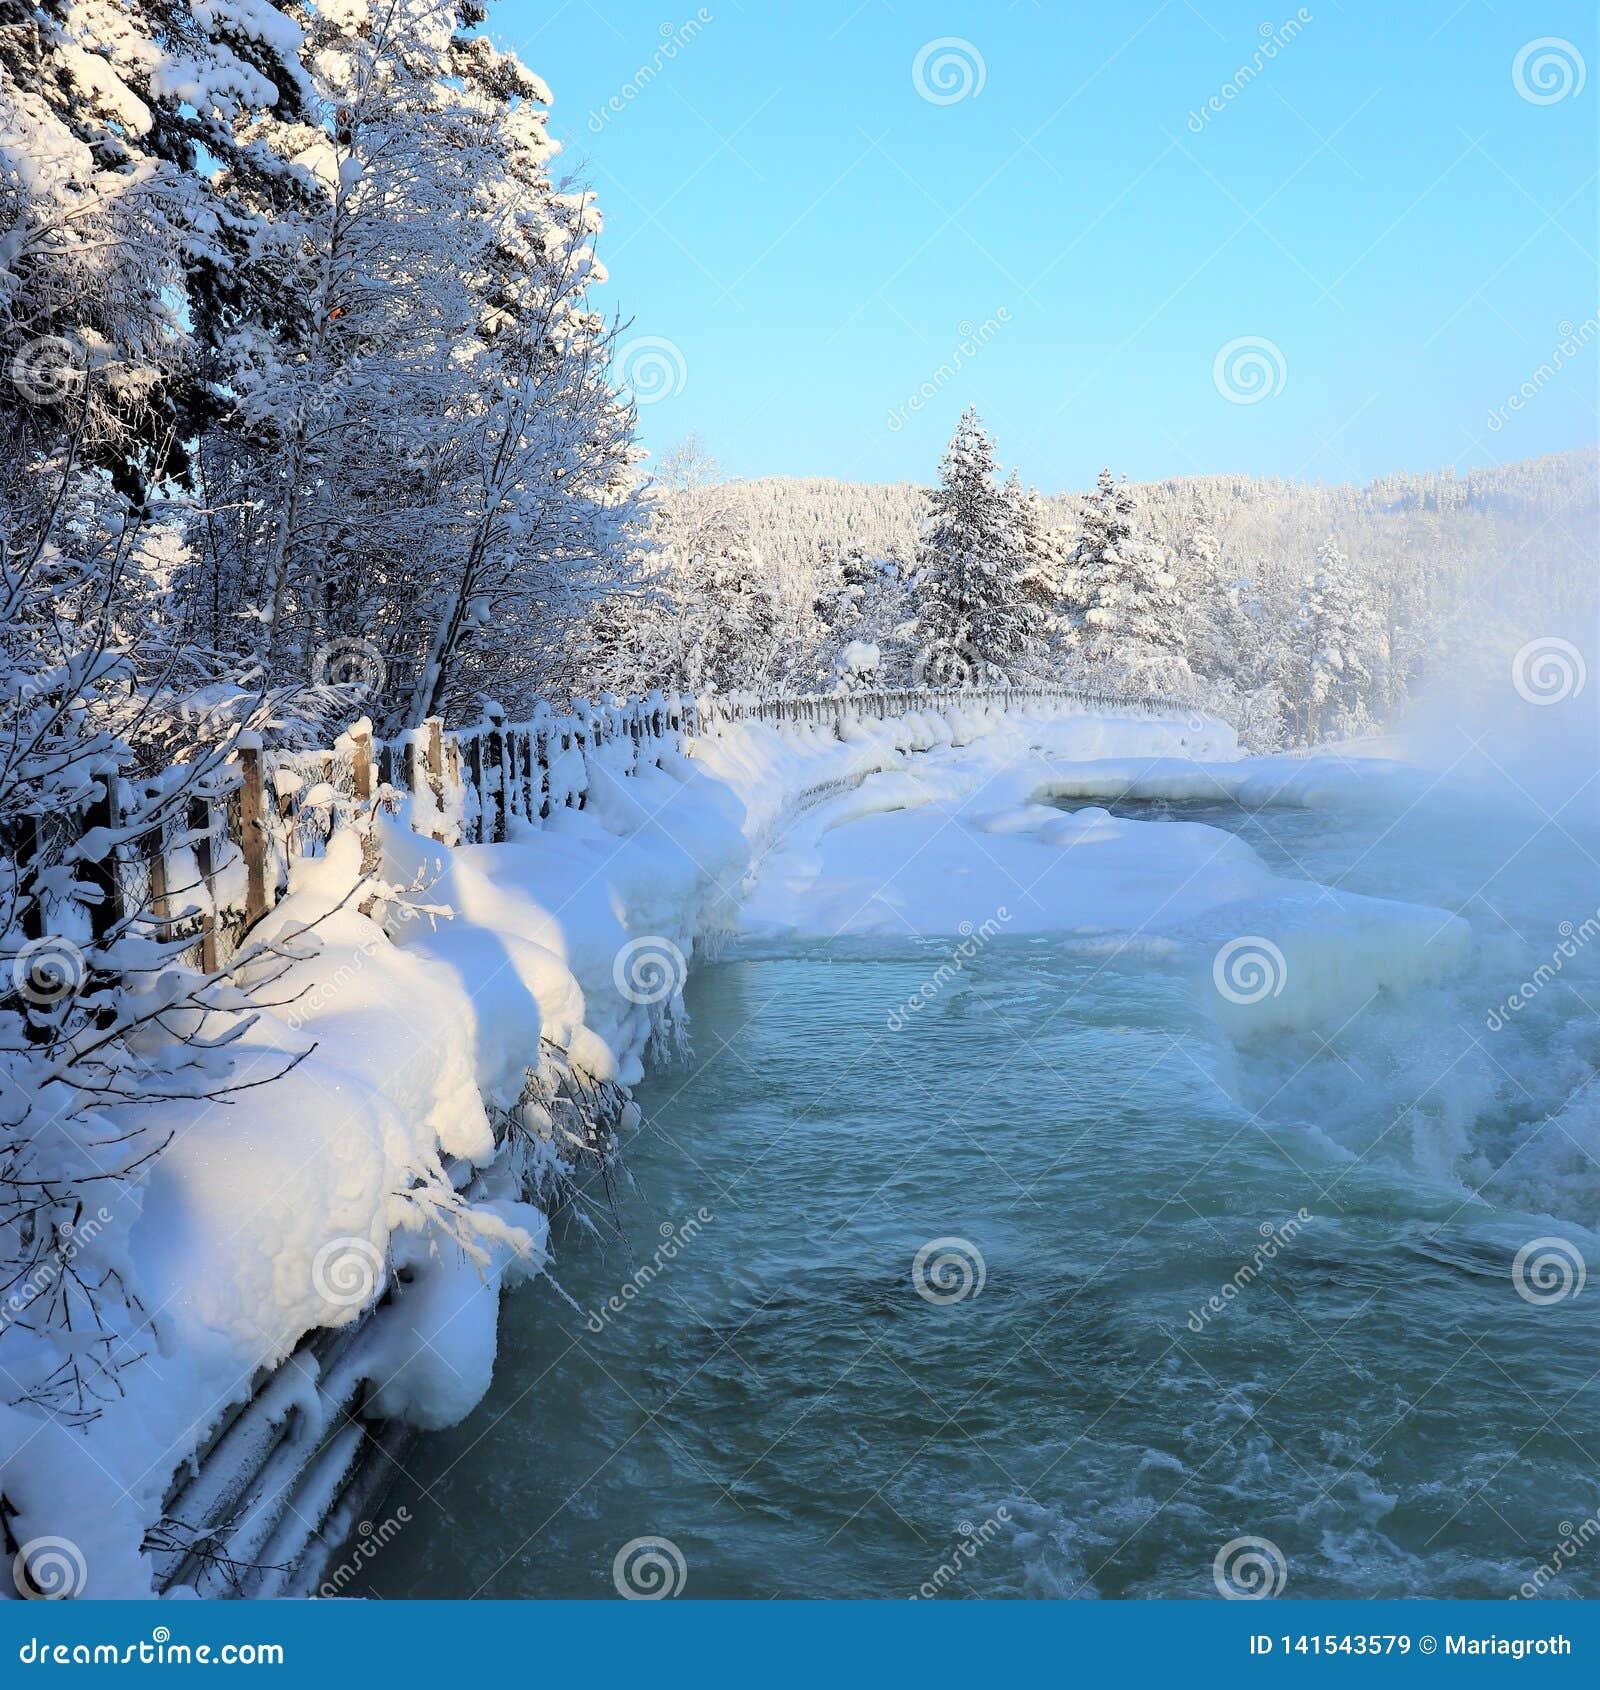 Storforsen en un paisaje fabuloso del invierno